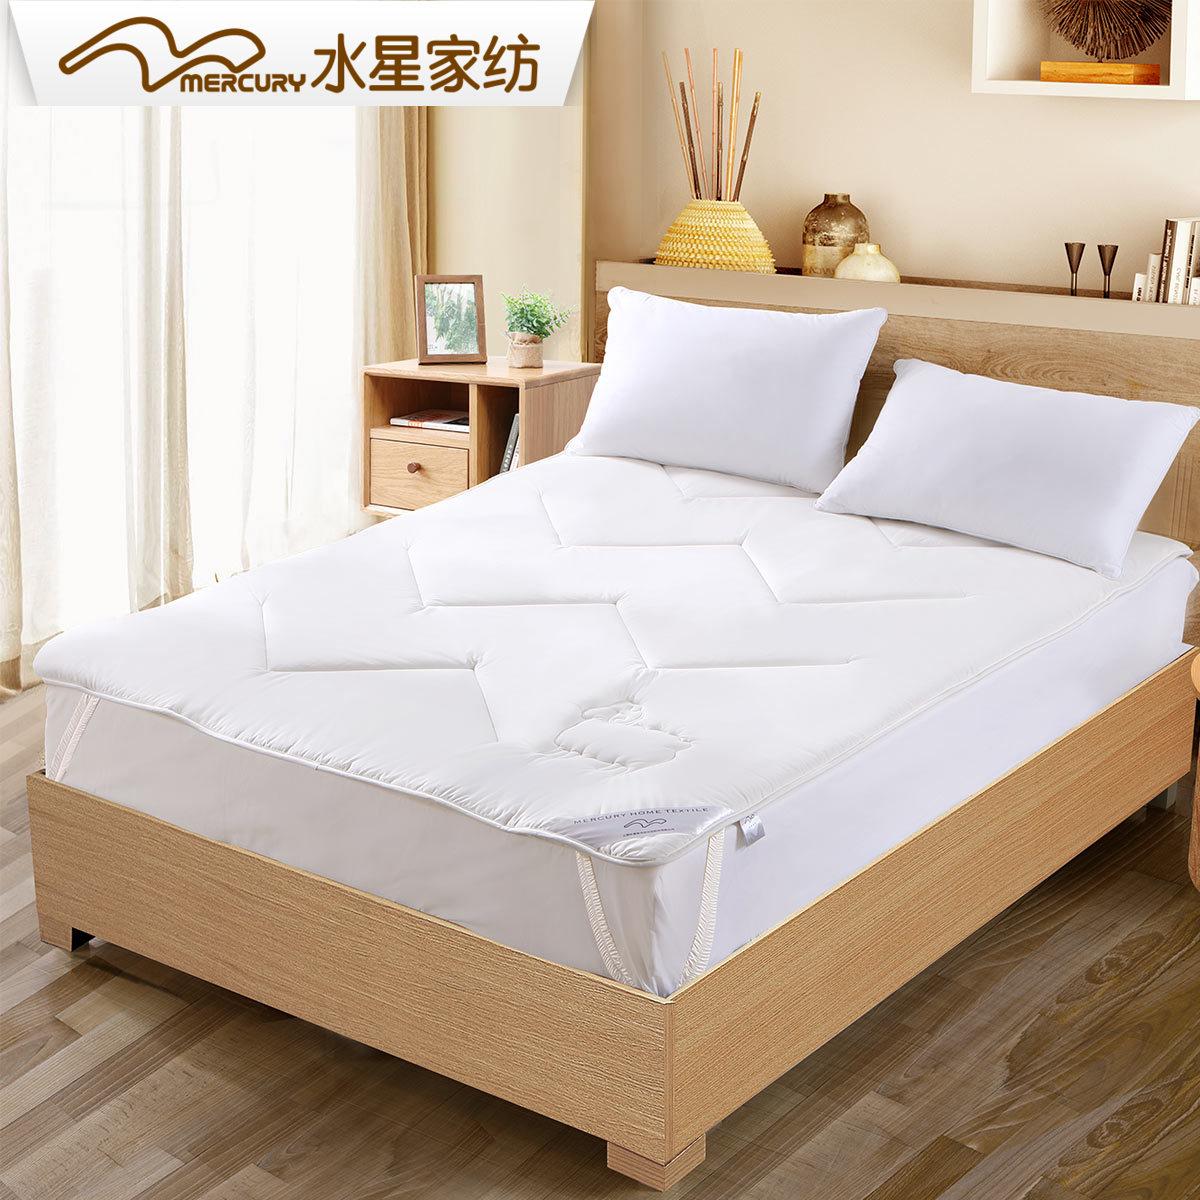 正品家纺垫子床垫羊毛全棉垫双人床水星被1.8m透气a正品折叠软垫